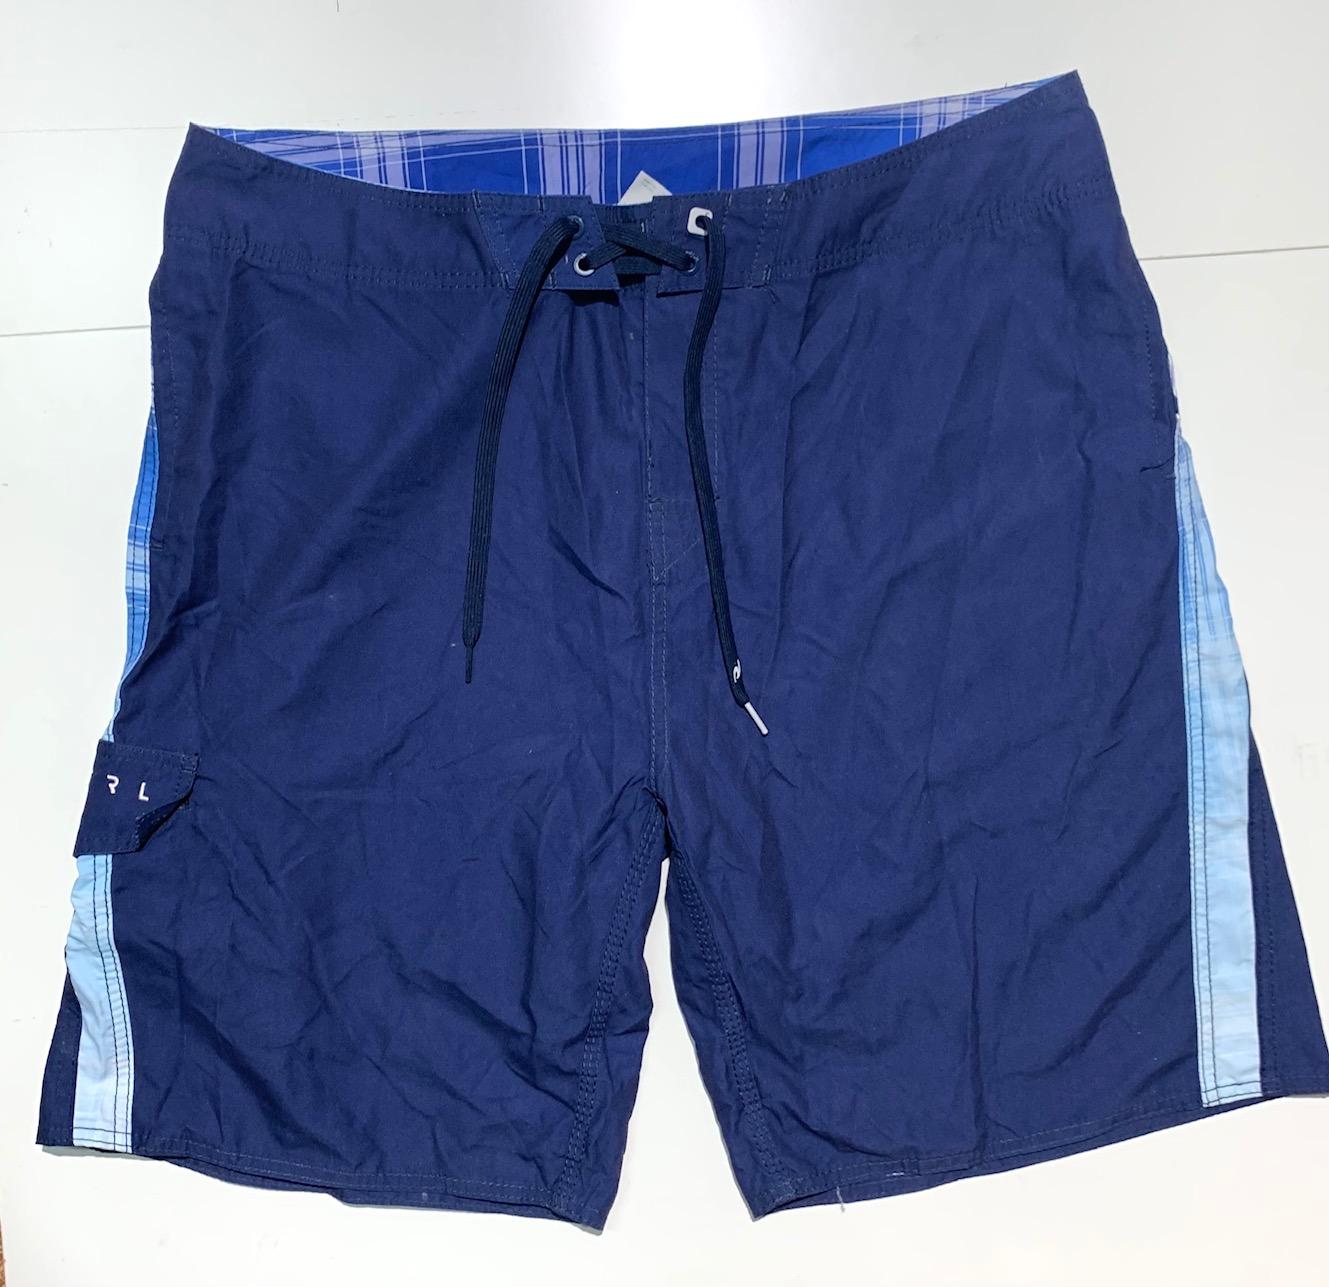 Шорты летние мужские от бренда RIP CURL темно-синие